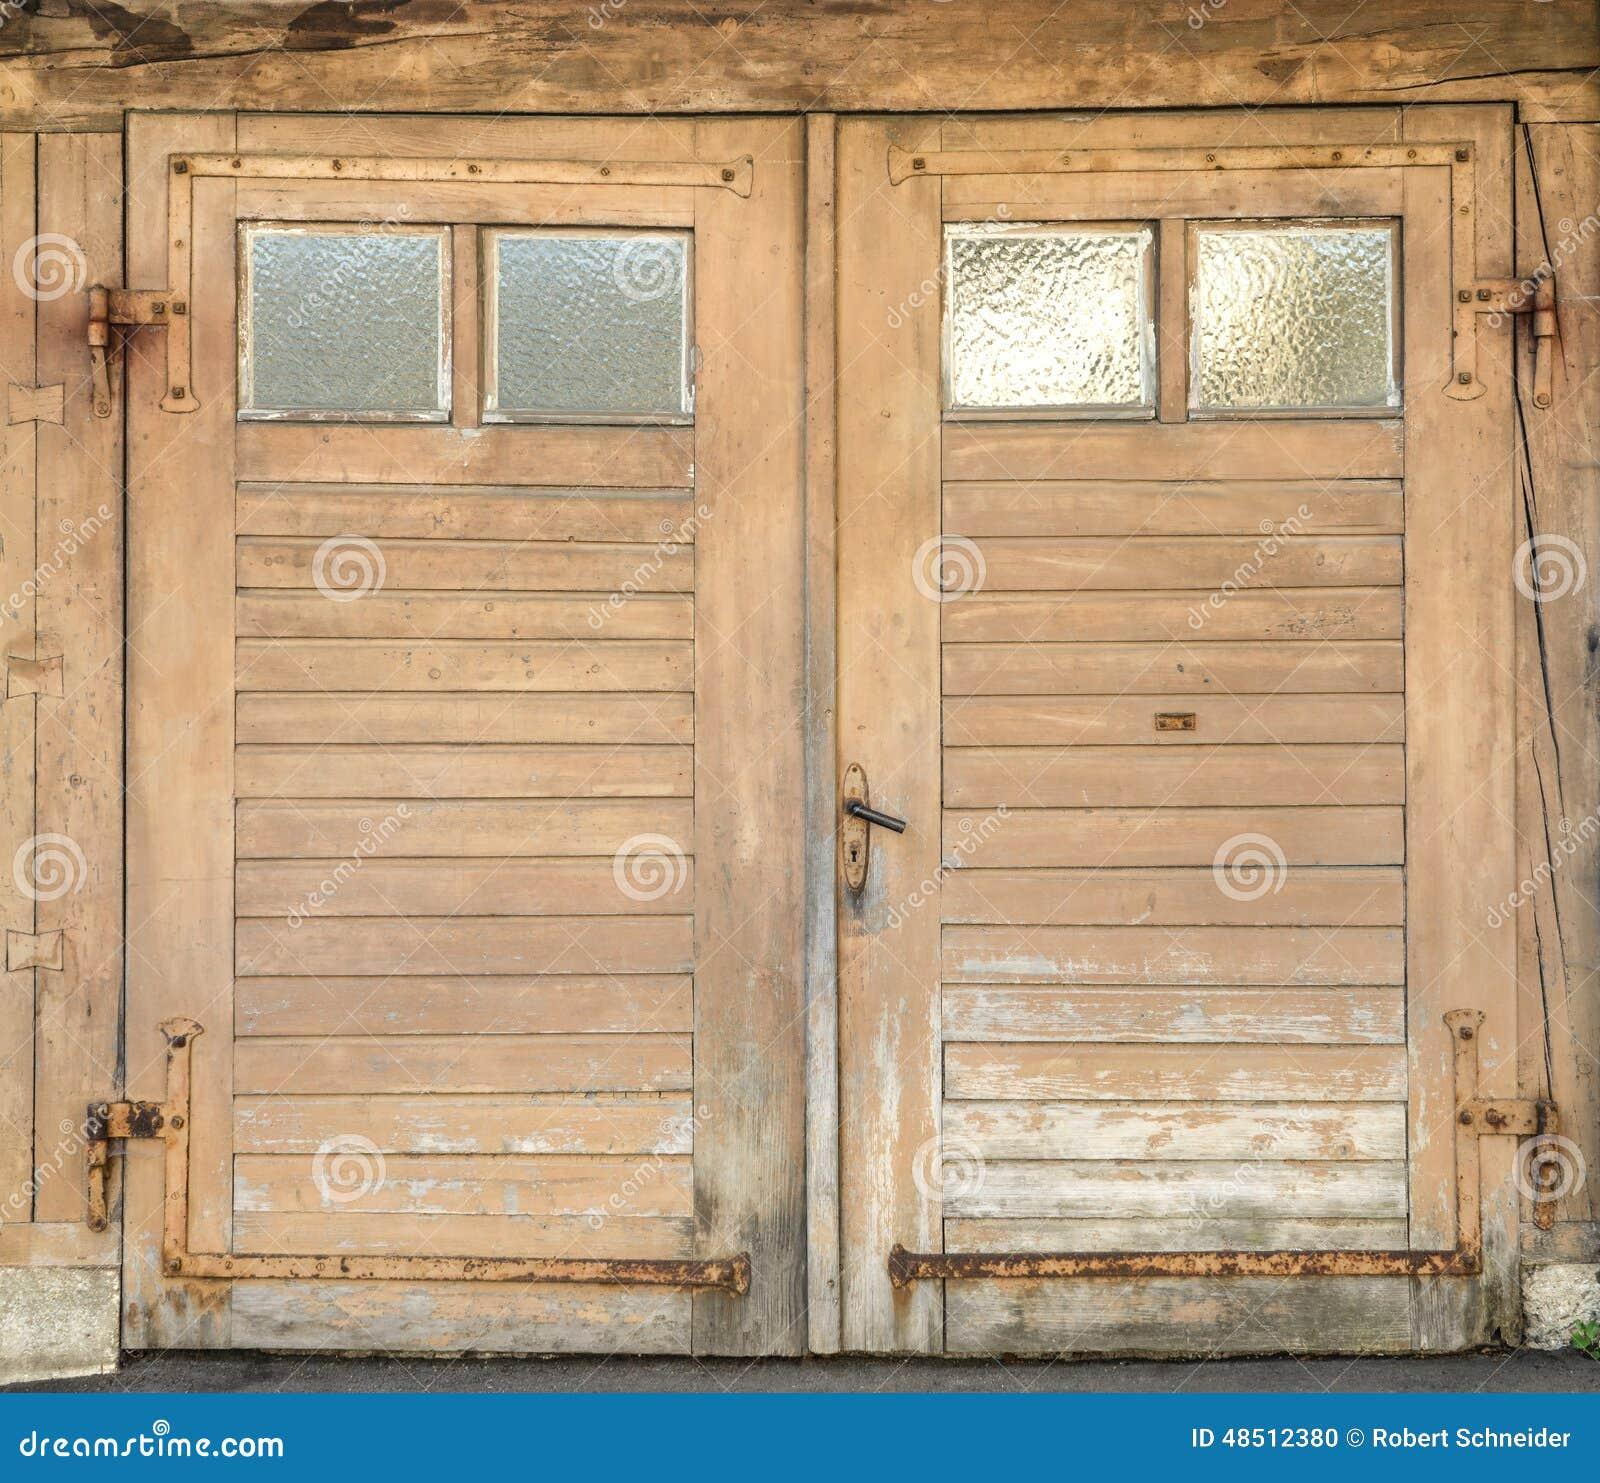 Old Garage Doors : Old garage door with four small windows stock photo